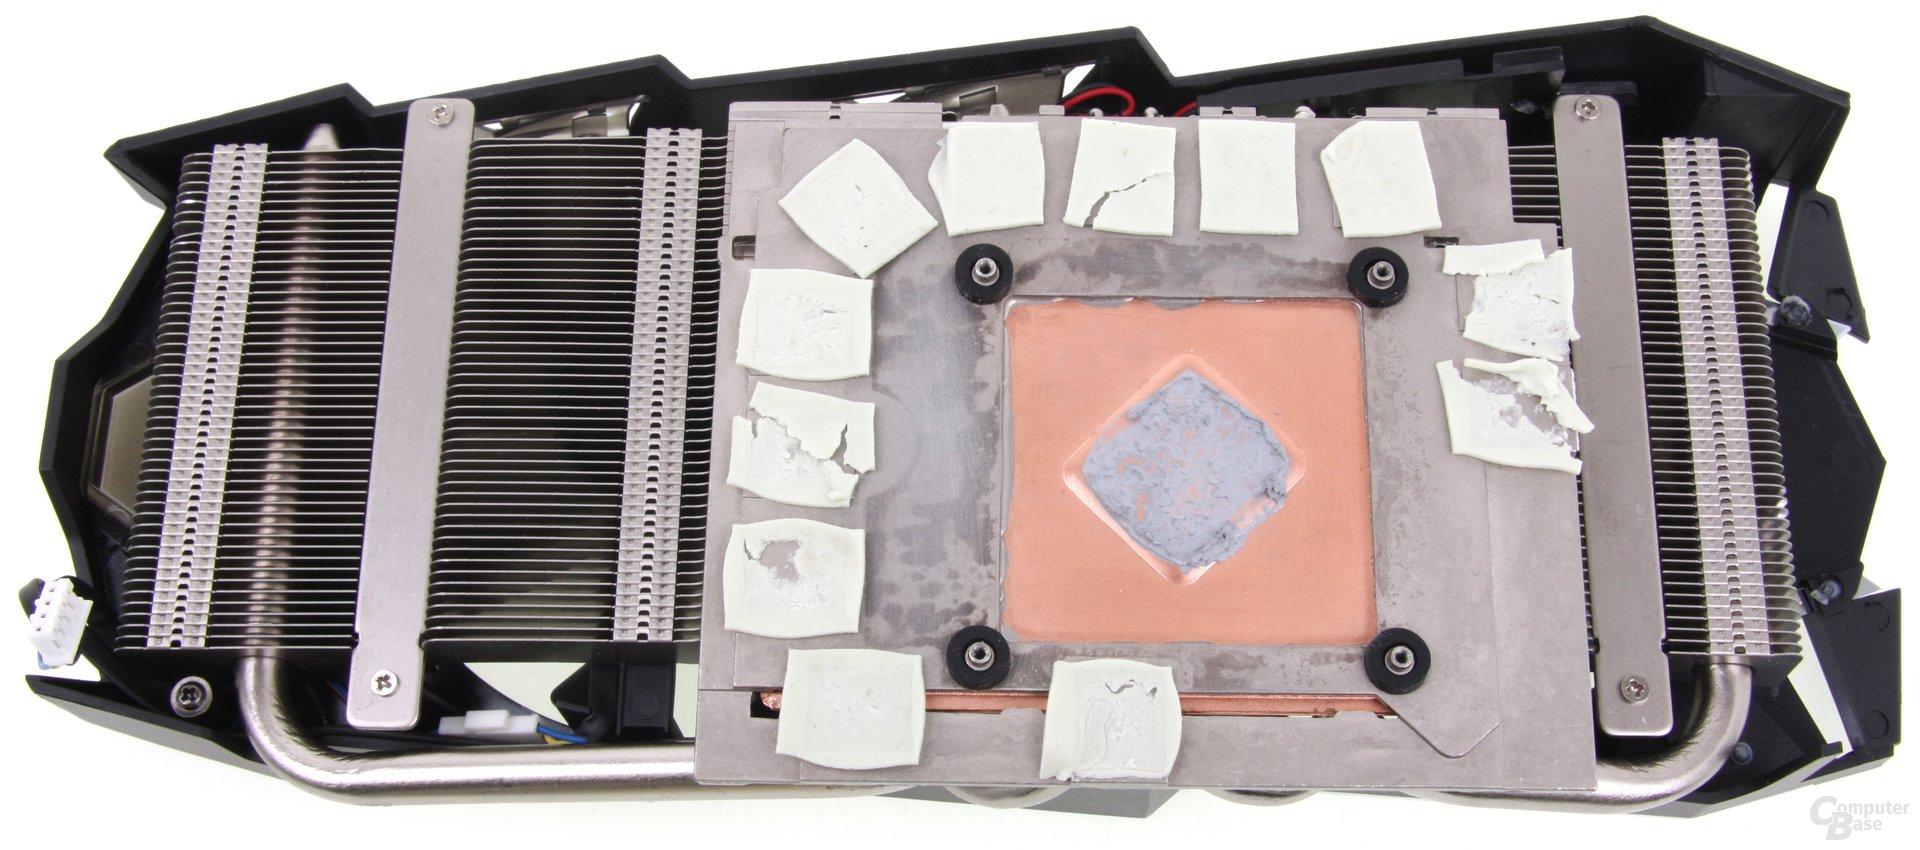 Radeon HD 7970 GHz Edition Vapor-X Kühlerrückseite